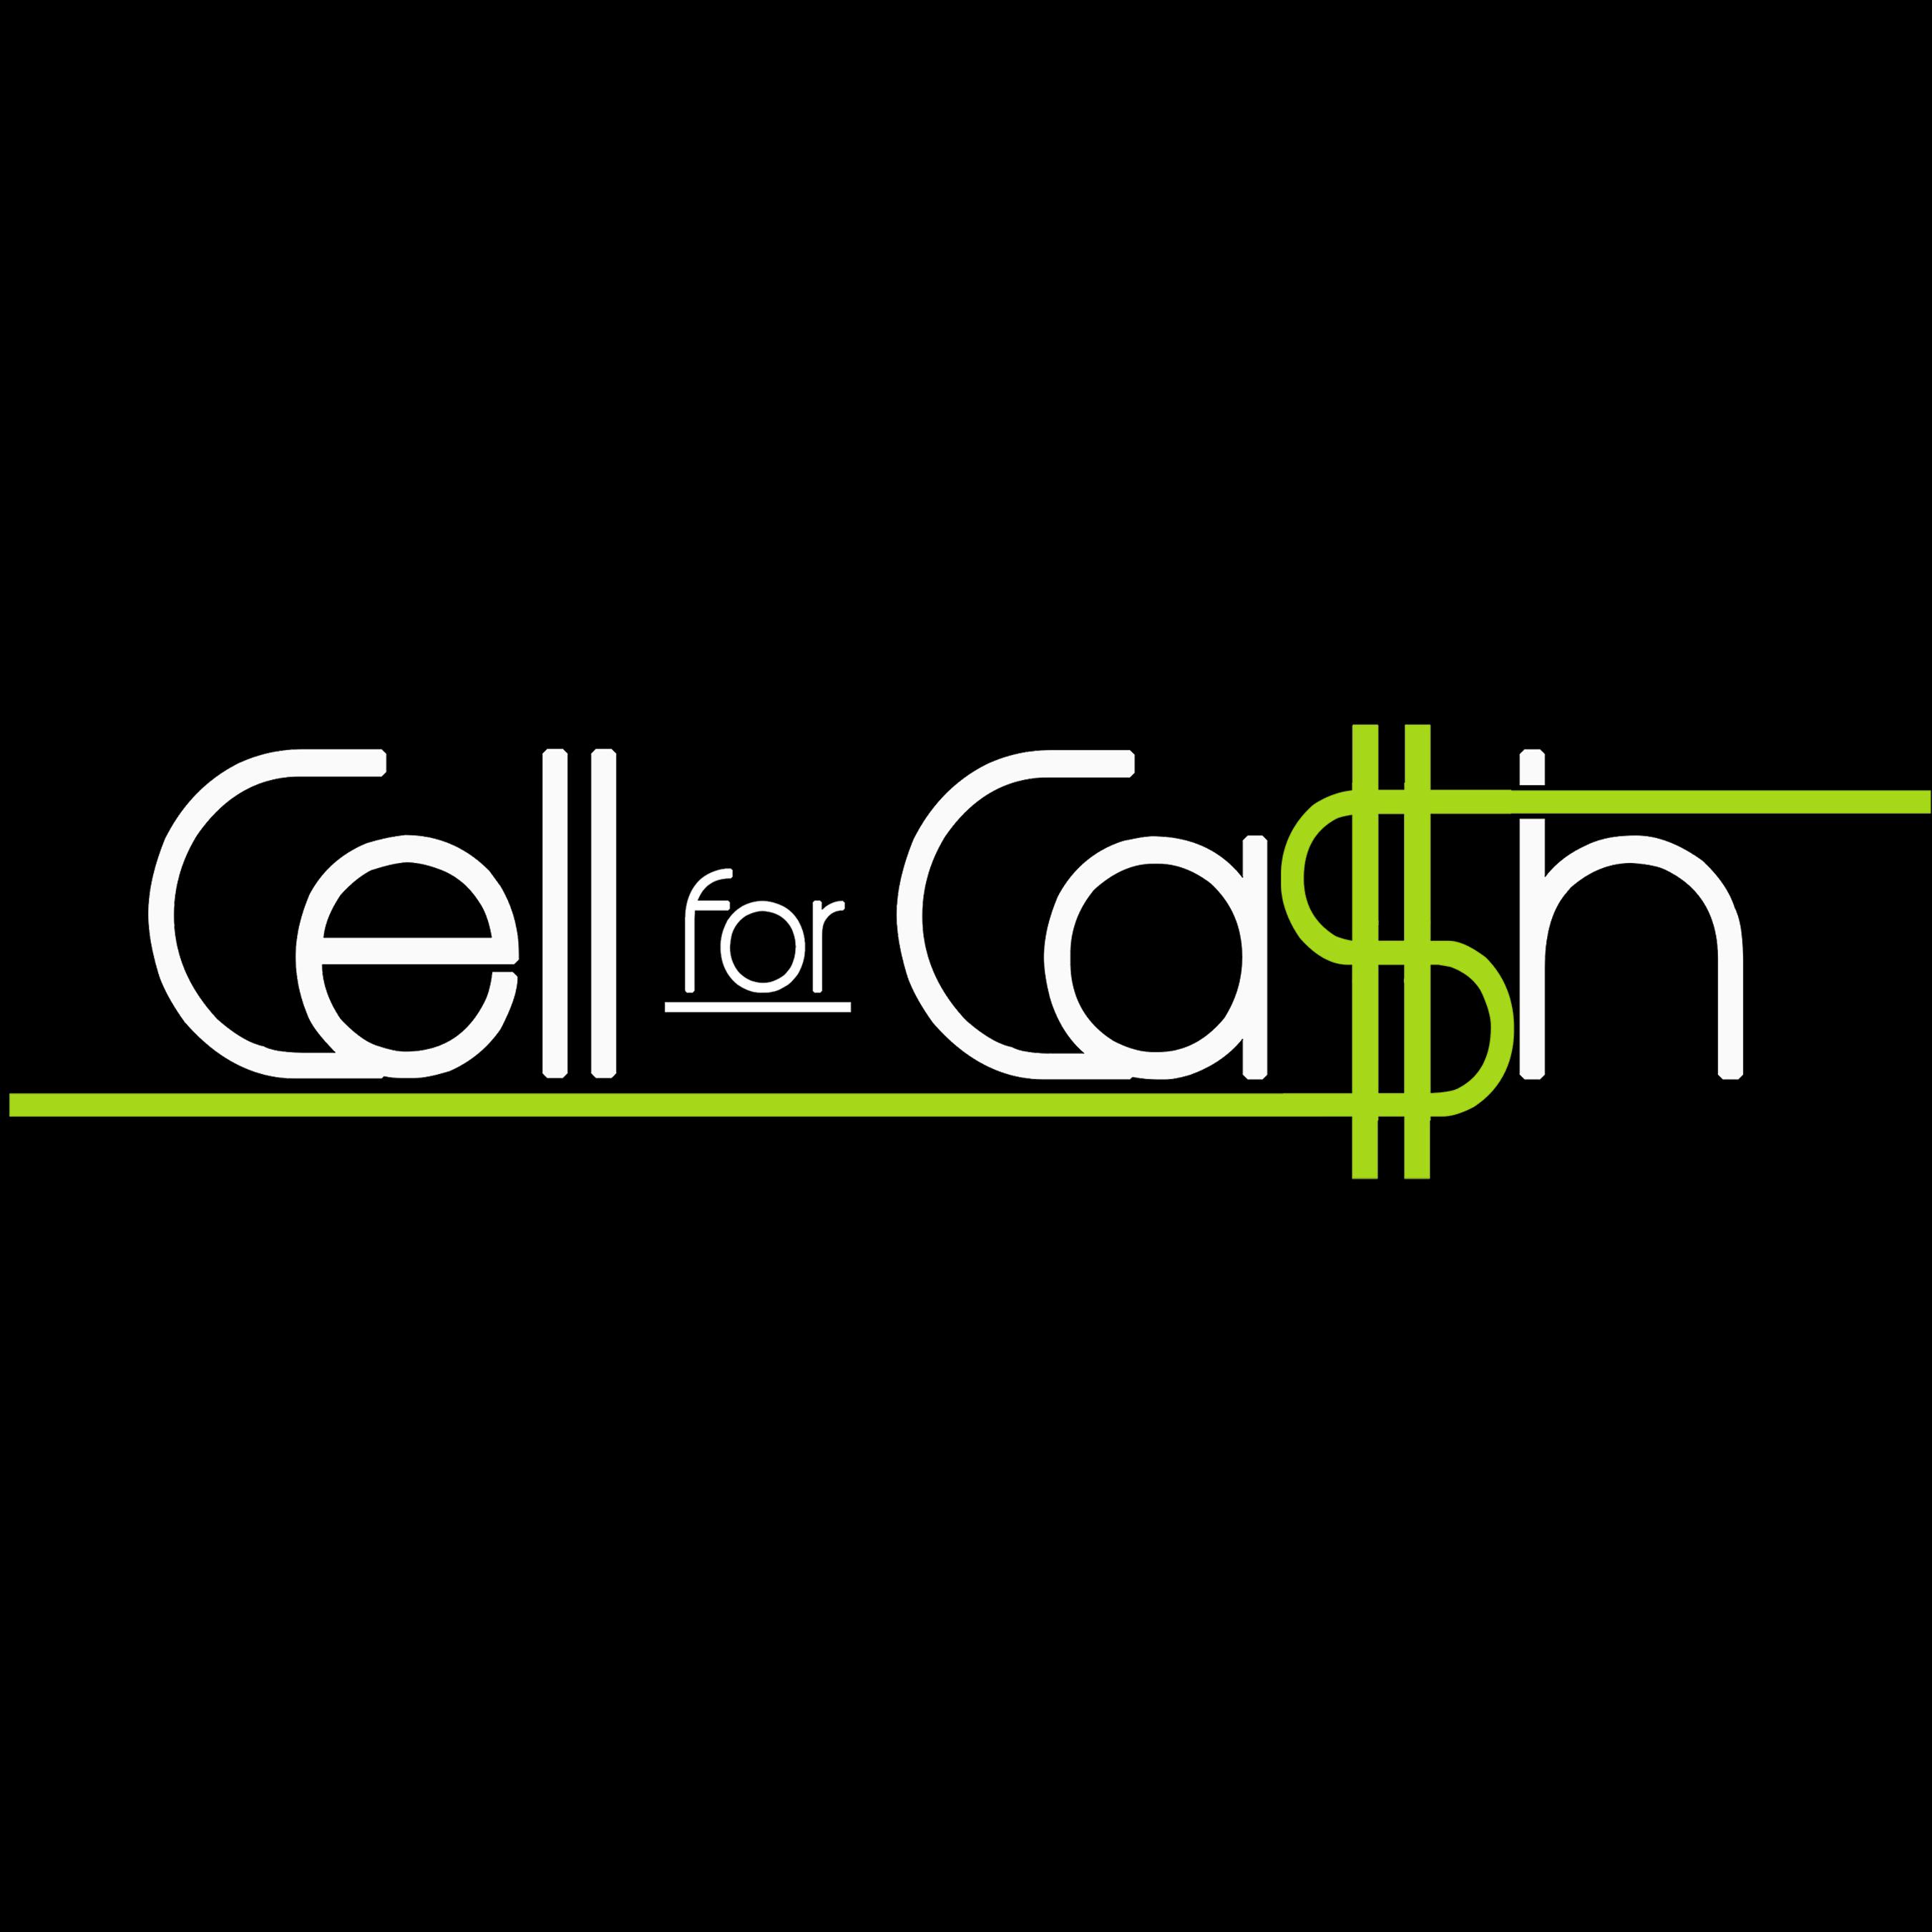 Cell For Cash Buy Sell Repair Eugene Oregon